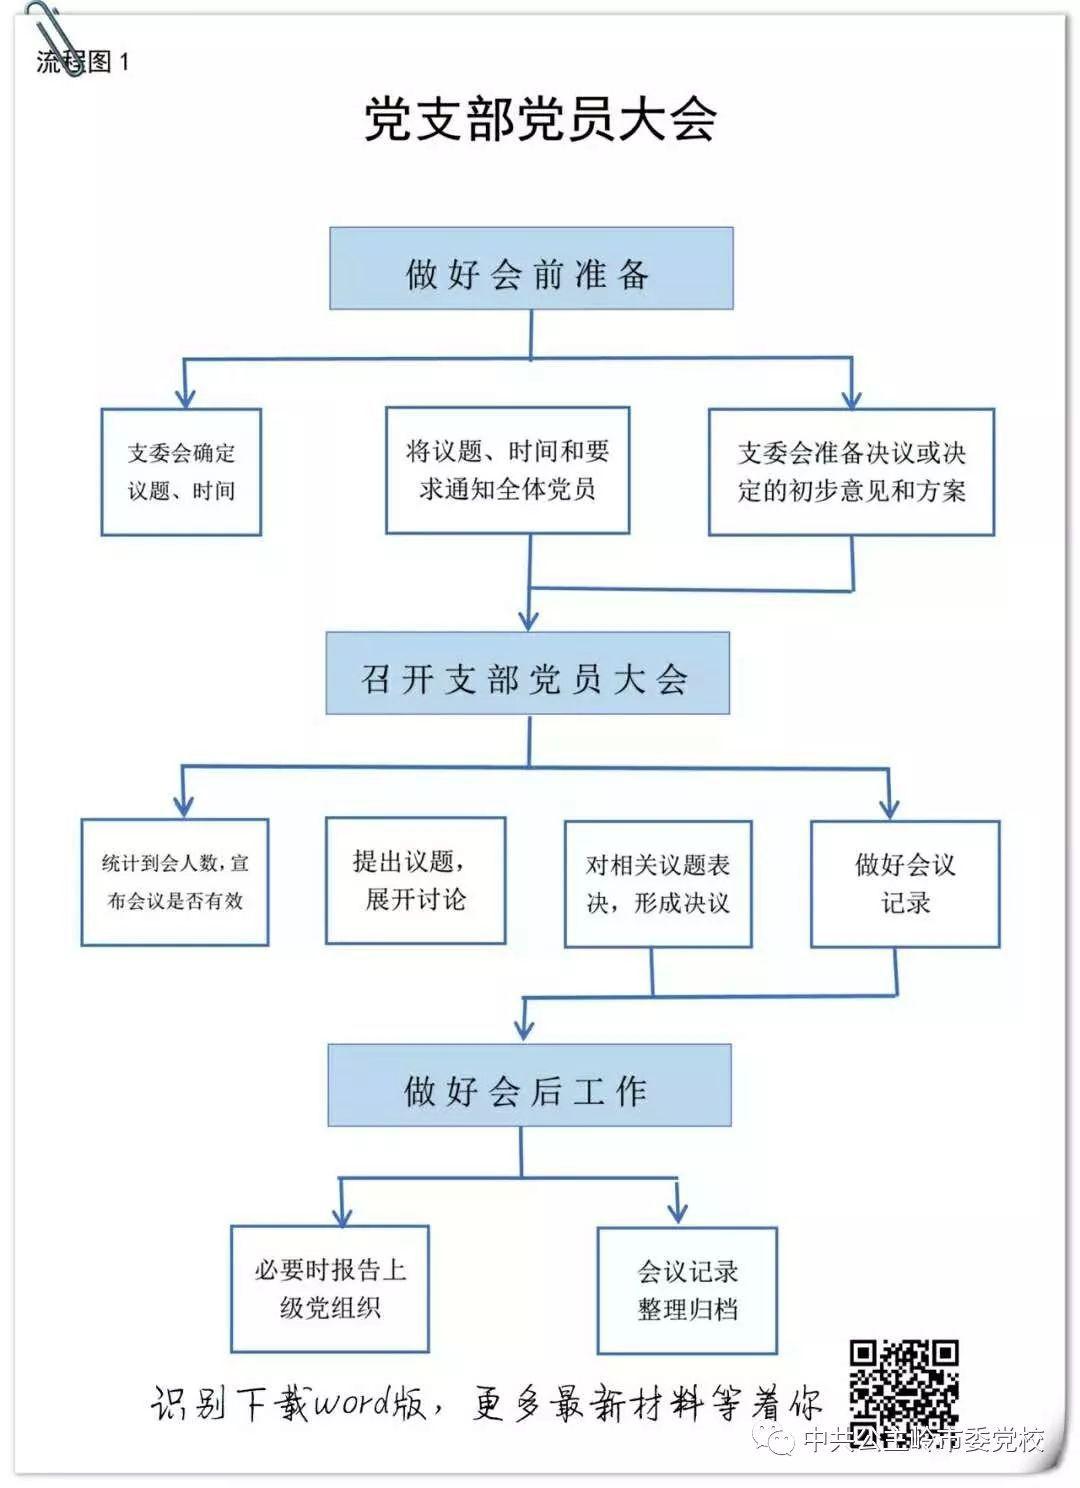 潼关四知派出所学习党支部10项基本工作流程